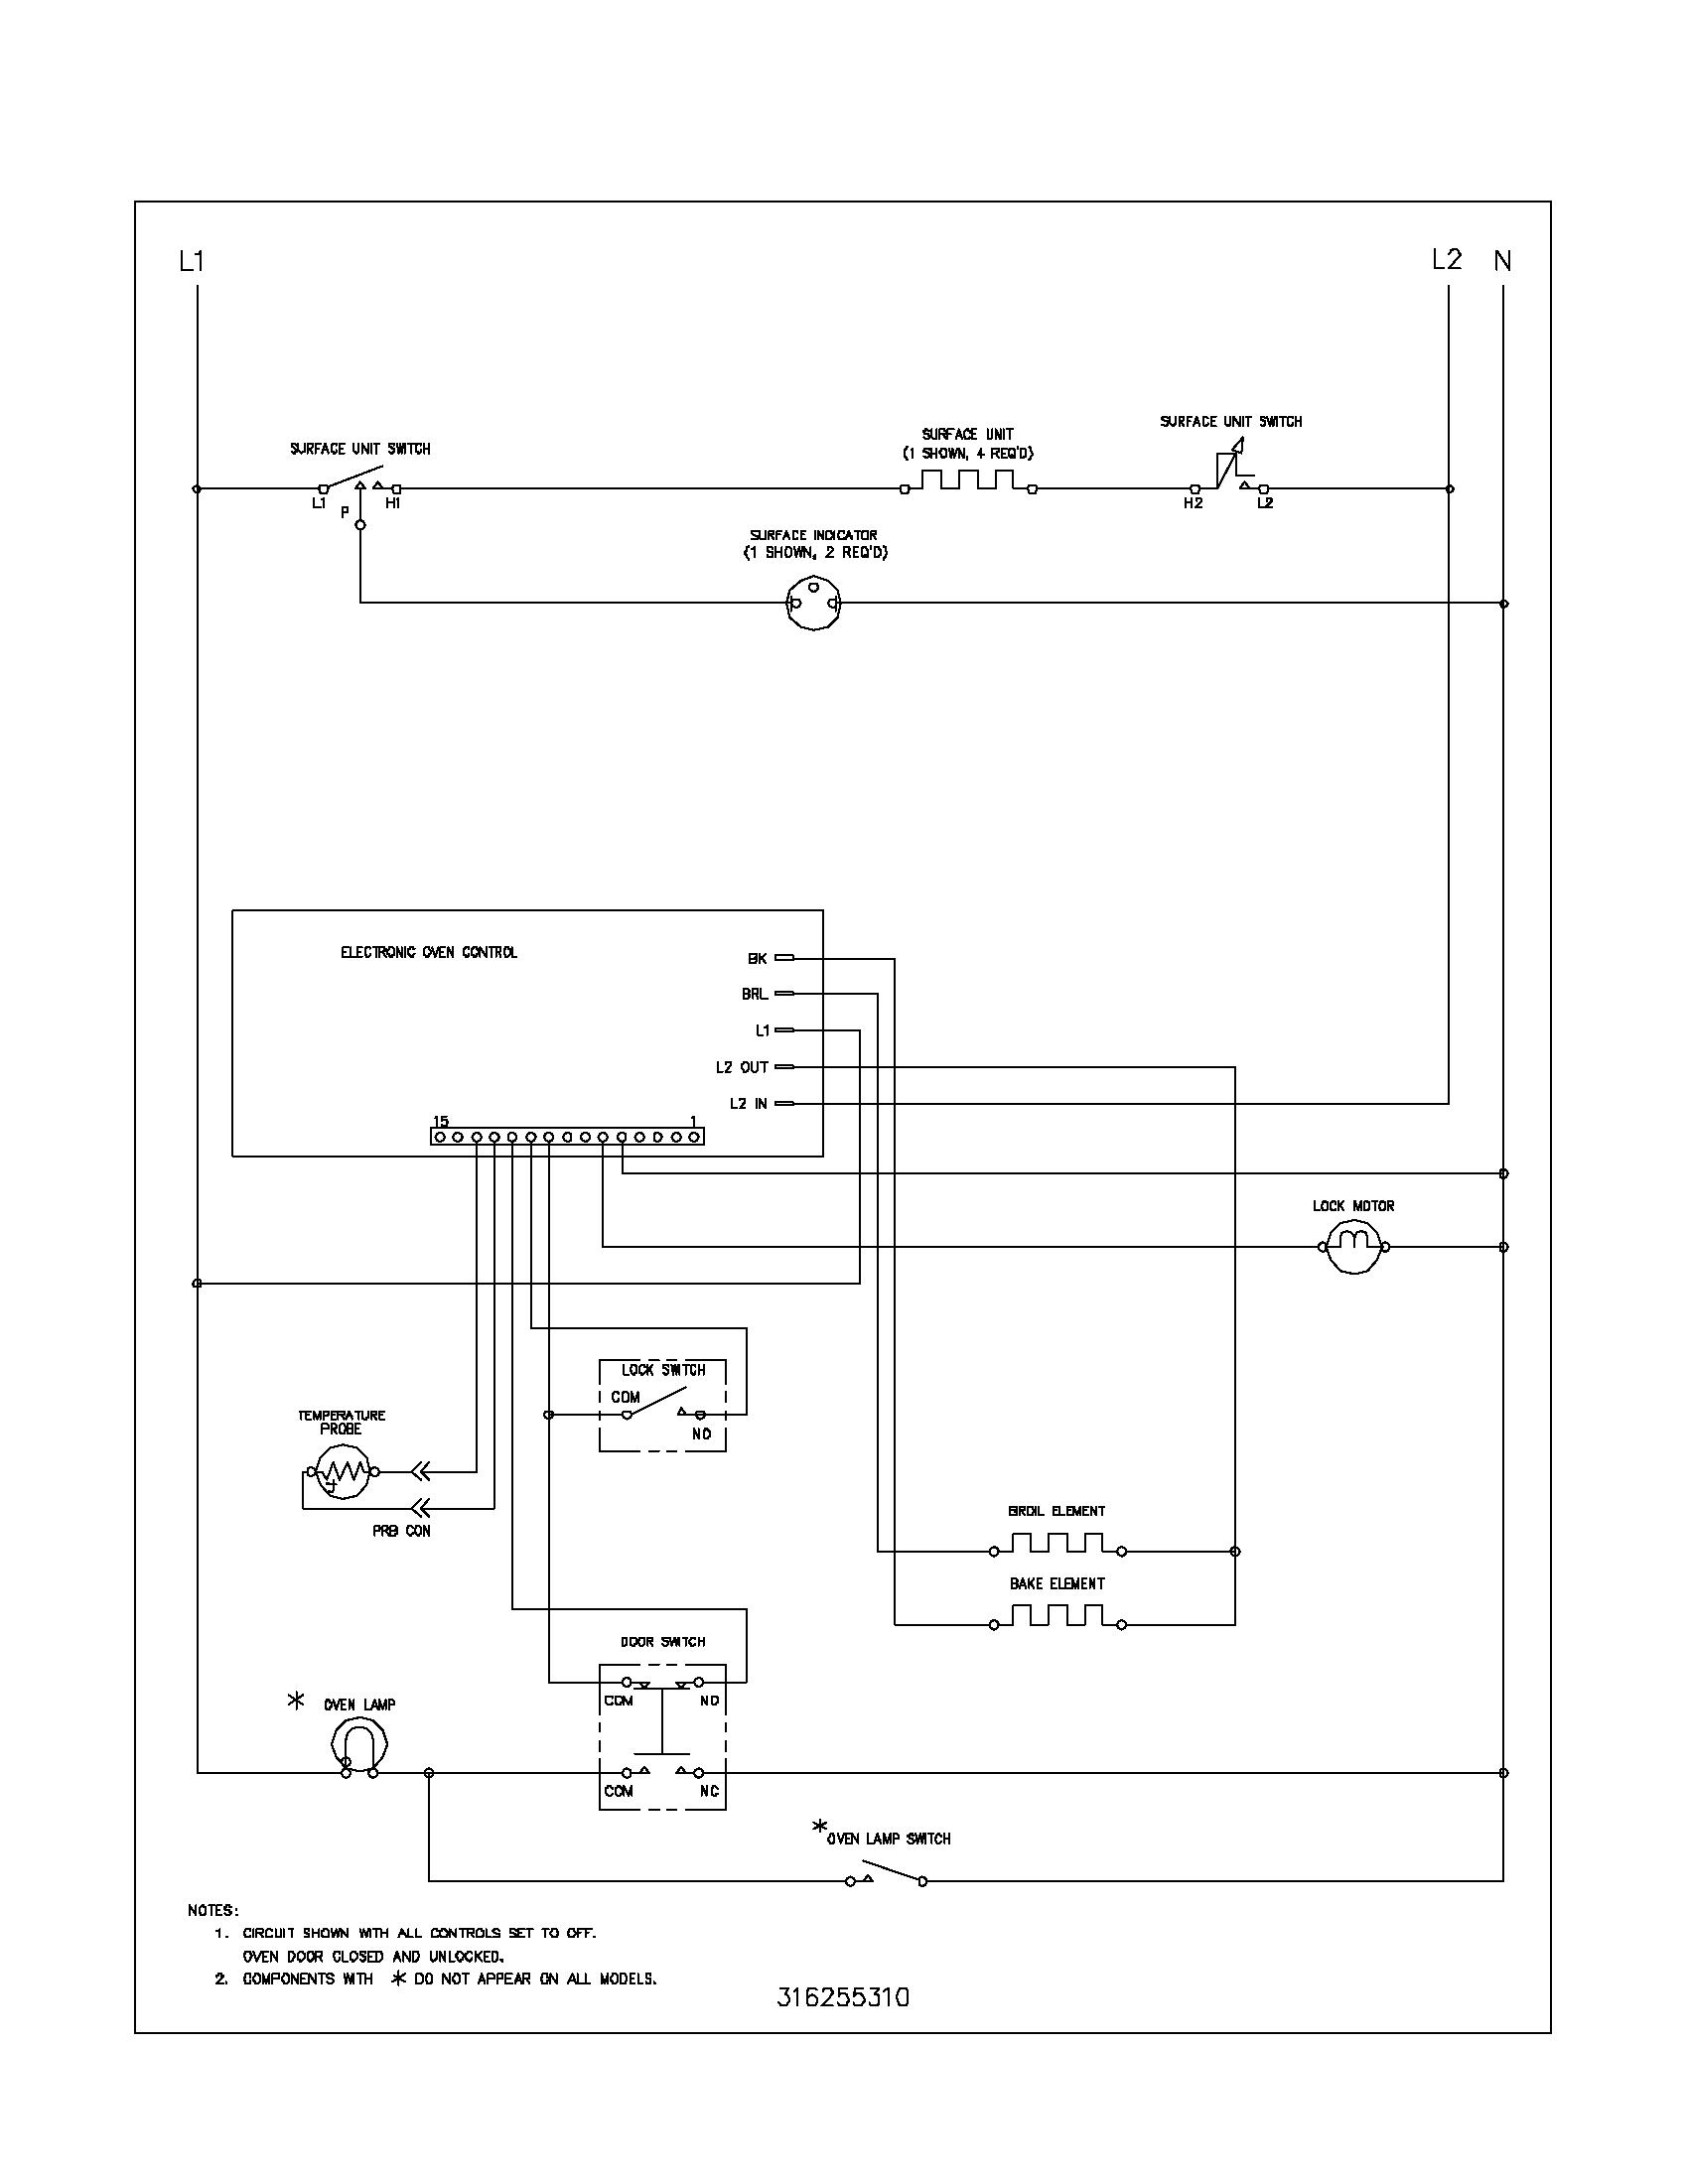 old ge refrigerator wiring diagram wiring diagram 1950s GE Refrigerator Restoration Parts old ge refrigerator wiring diagramold ge refrigerator wiring diagram 16